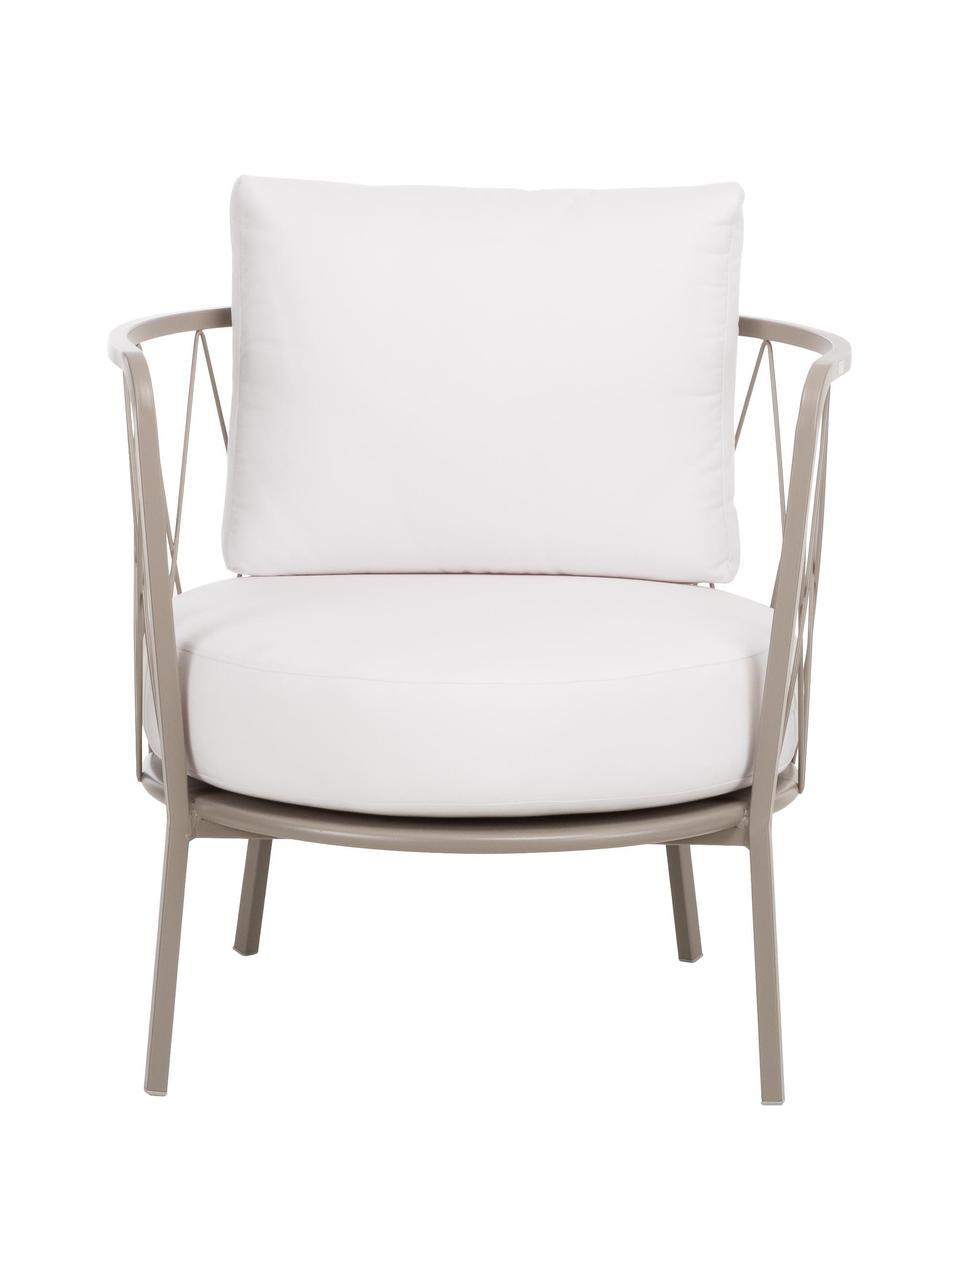 Fauteuil lounge de jardin avec assise rembourrée Sunderland, Structure: taupe Coussin d'assise et de dossier: crème